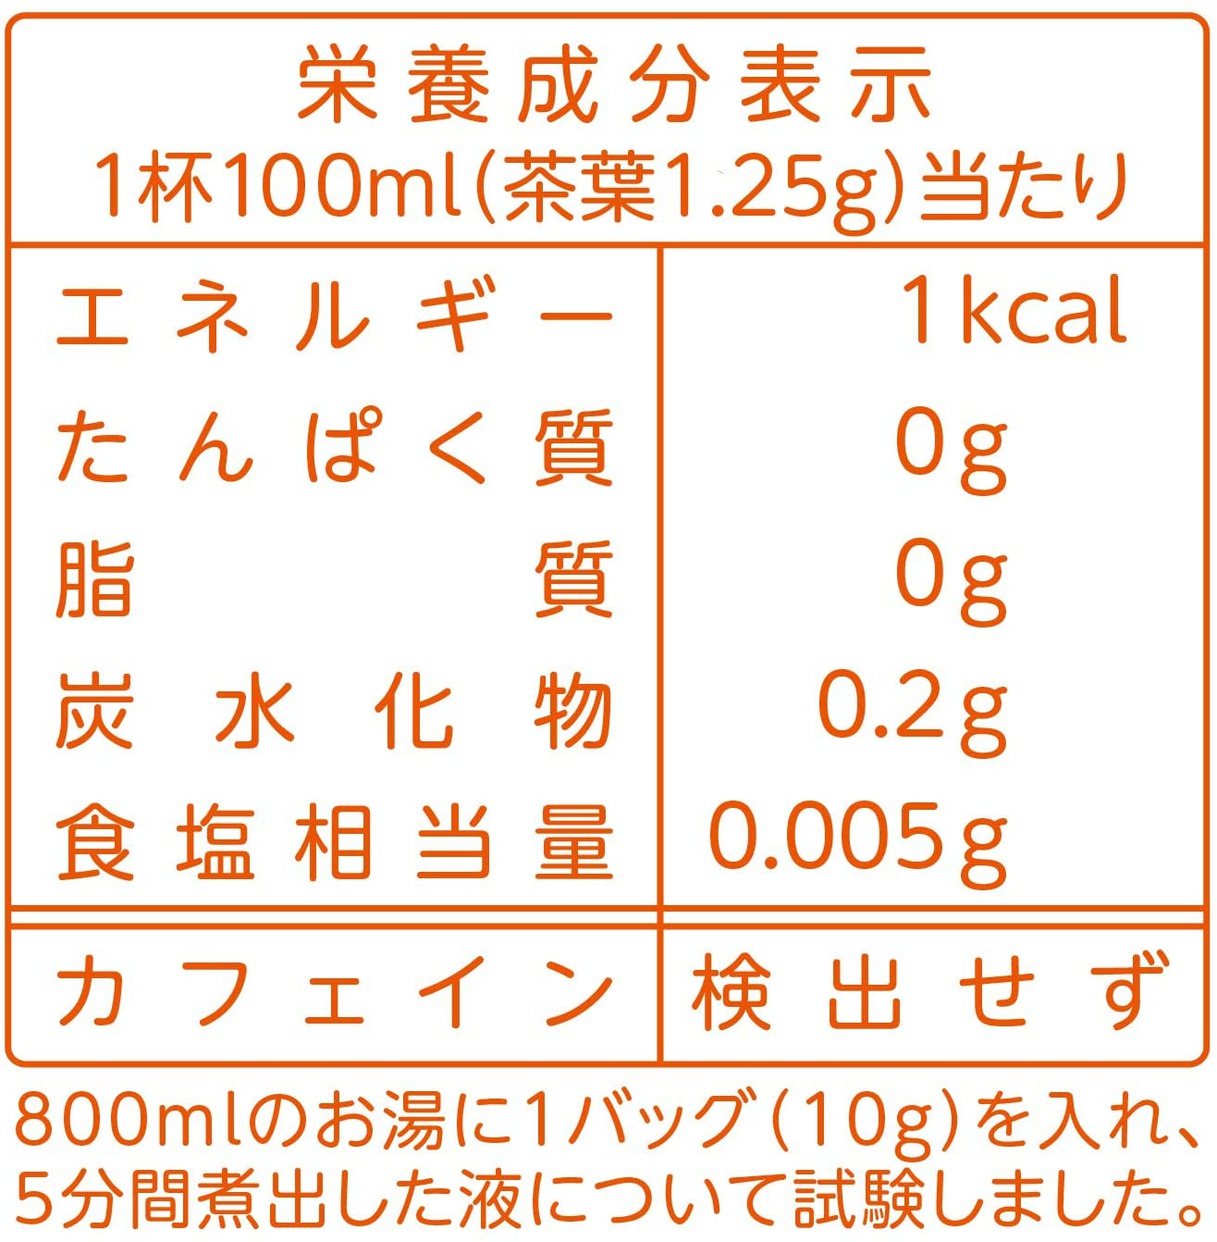 山本漢方製薬 なた豆麦茶の商品画像5